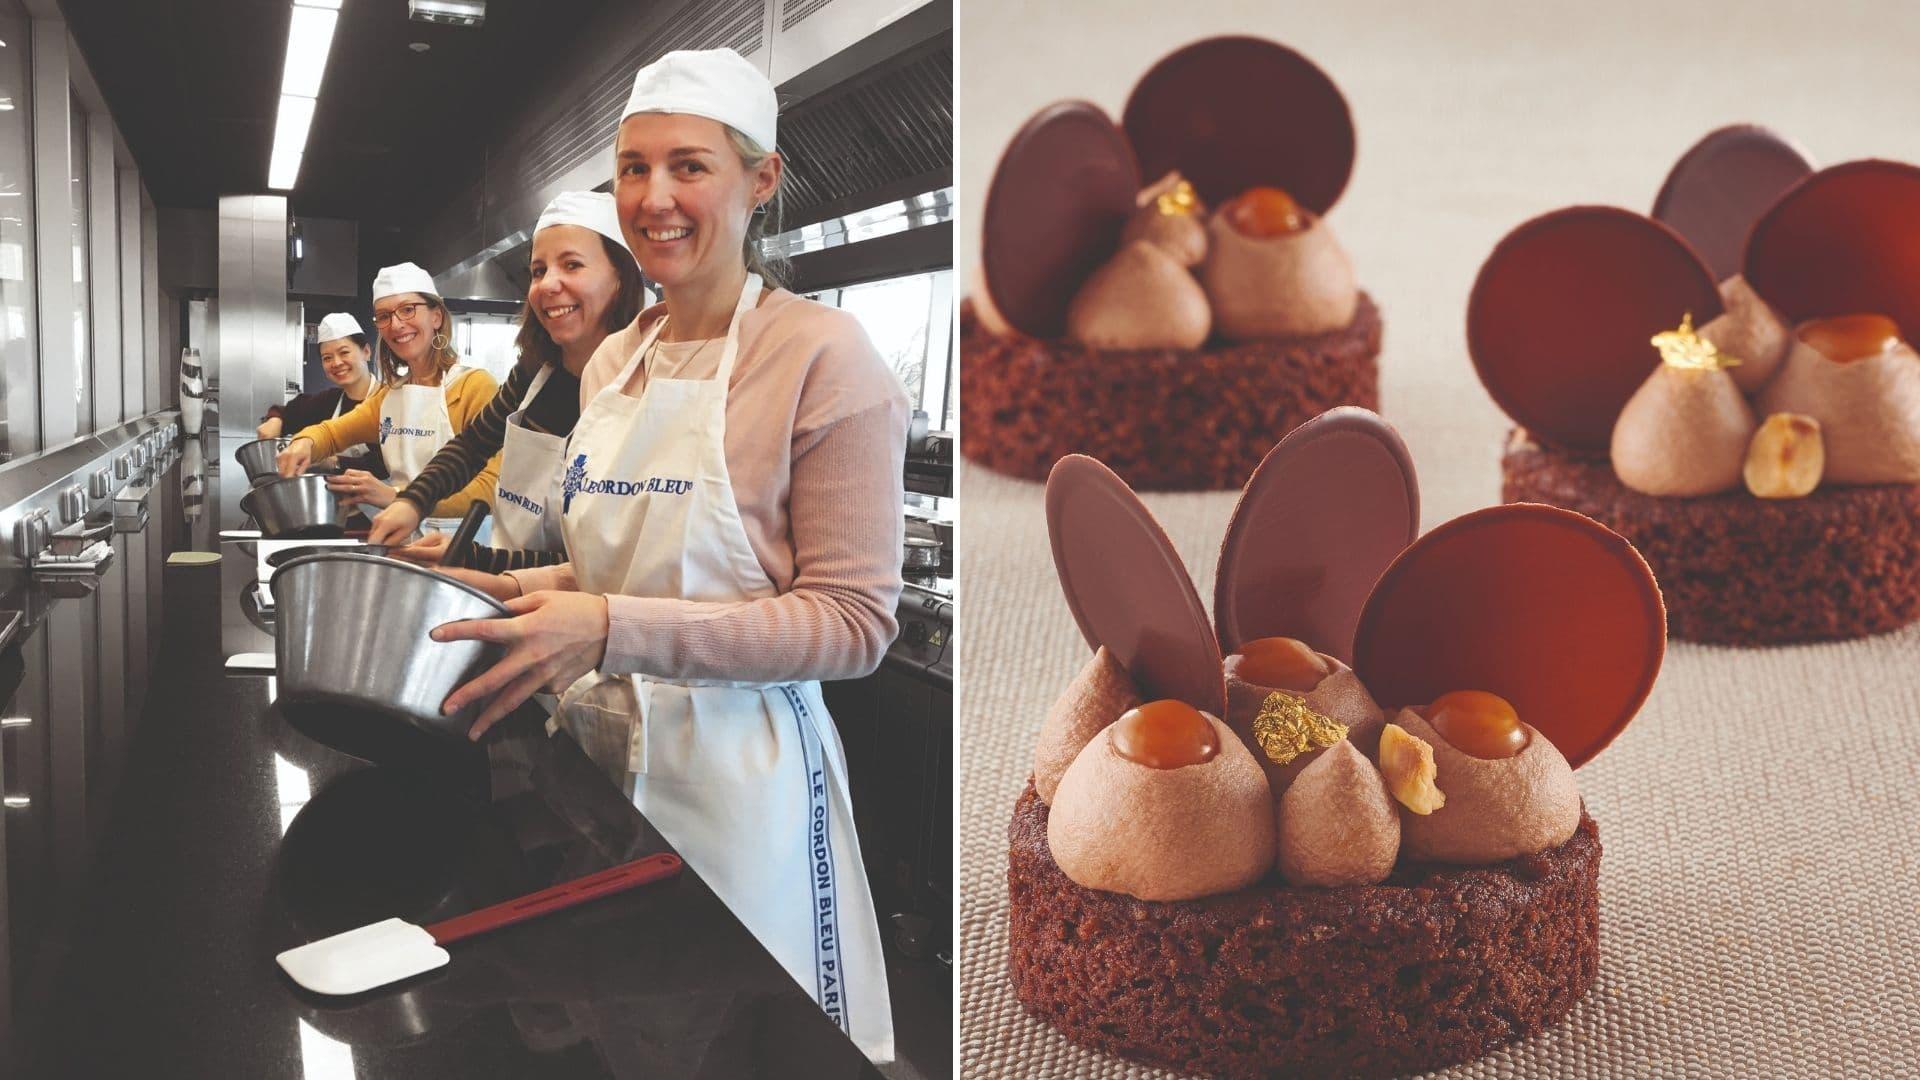 patisserie concours fever chef le cordon bleu paris top chef muffin cookies gastronomie